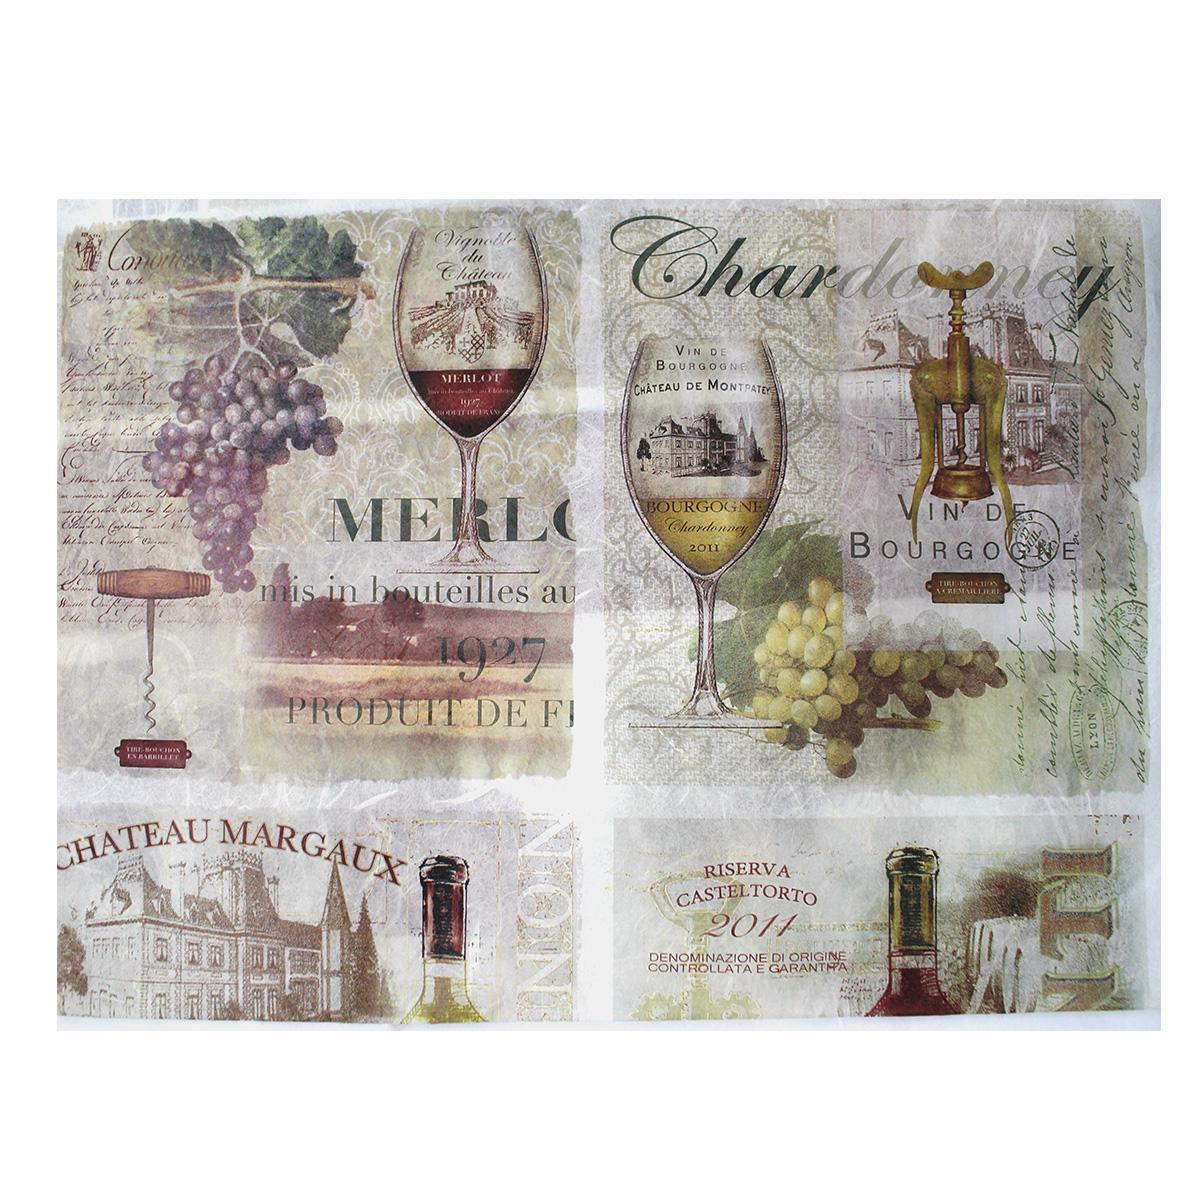 Бумага для скрапбукинга Renkalik Wine, 35 х 50 см7718301Бумага Renkalik, оформленная красочными изображениями, поможет вам начать творческий путь в скрапбукинге. Эта бумага хорошо подойдет для оформления фона, создания открыток, поделок и многого другого. Скрапбукинг - это хобби, которое способно приносить массу приятных эмоций не только человеку, который этим занимается, но и его близким, друзьям, родным. Это невероятно увлекательное занятие, которое поможет вам сохранить наиболее памятные и яркие моменты вашей жизни, а также интересно оформить интерьер дома.